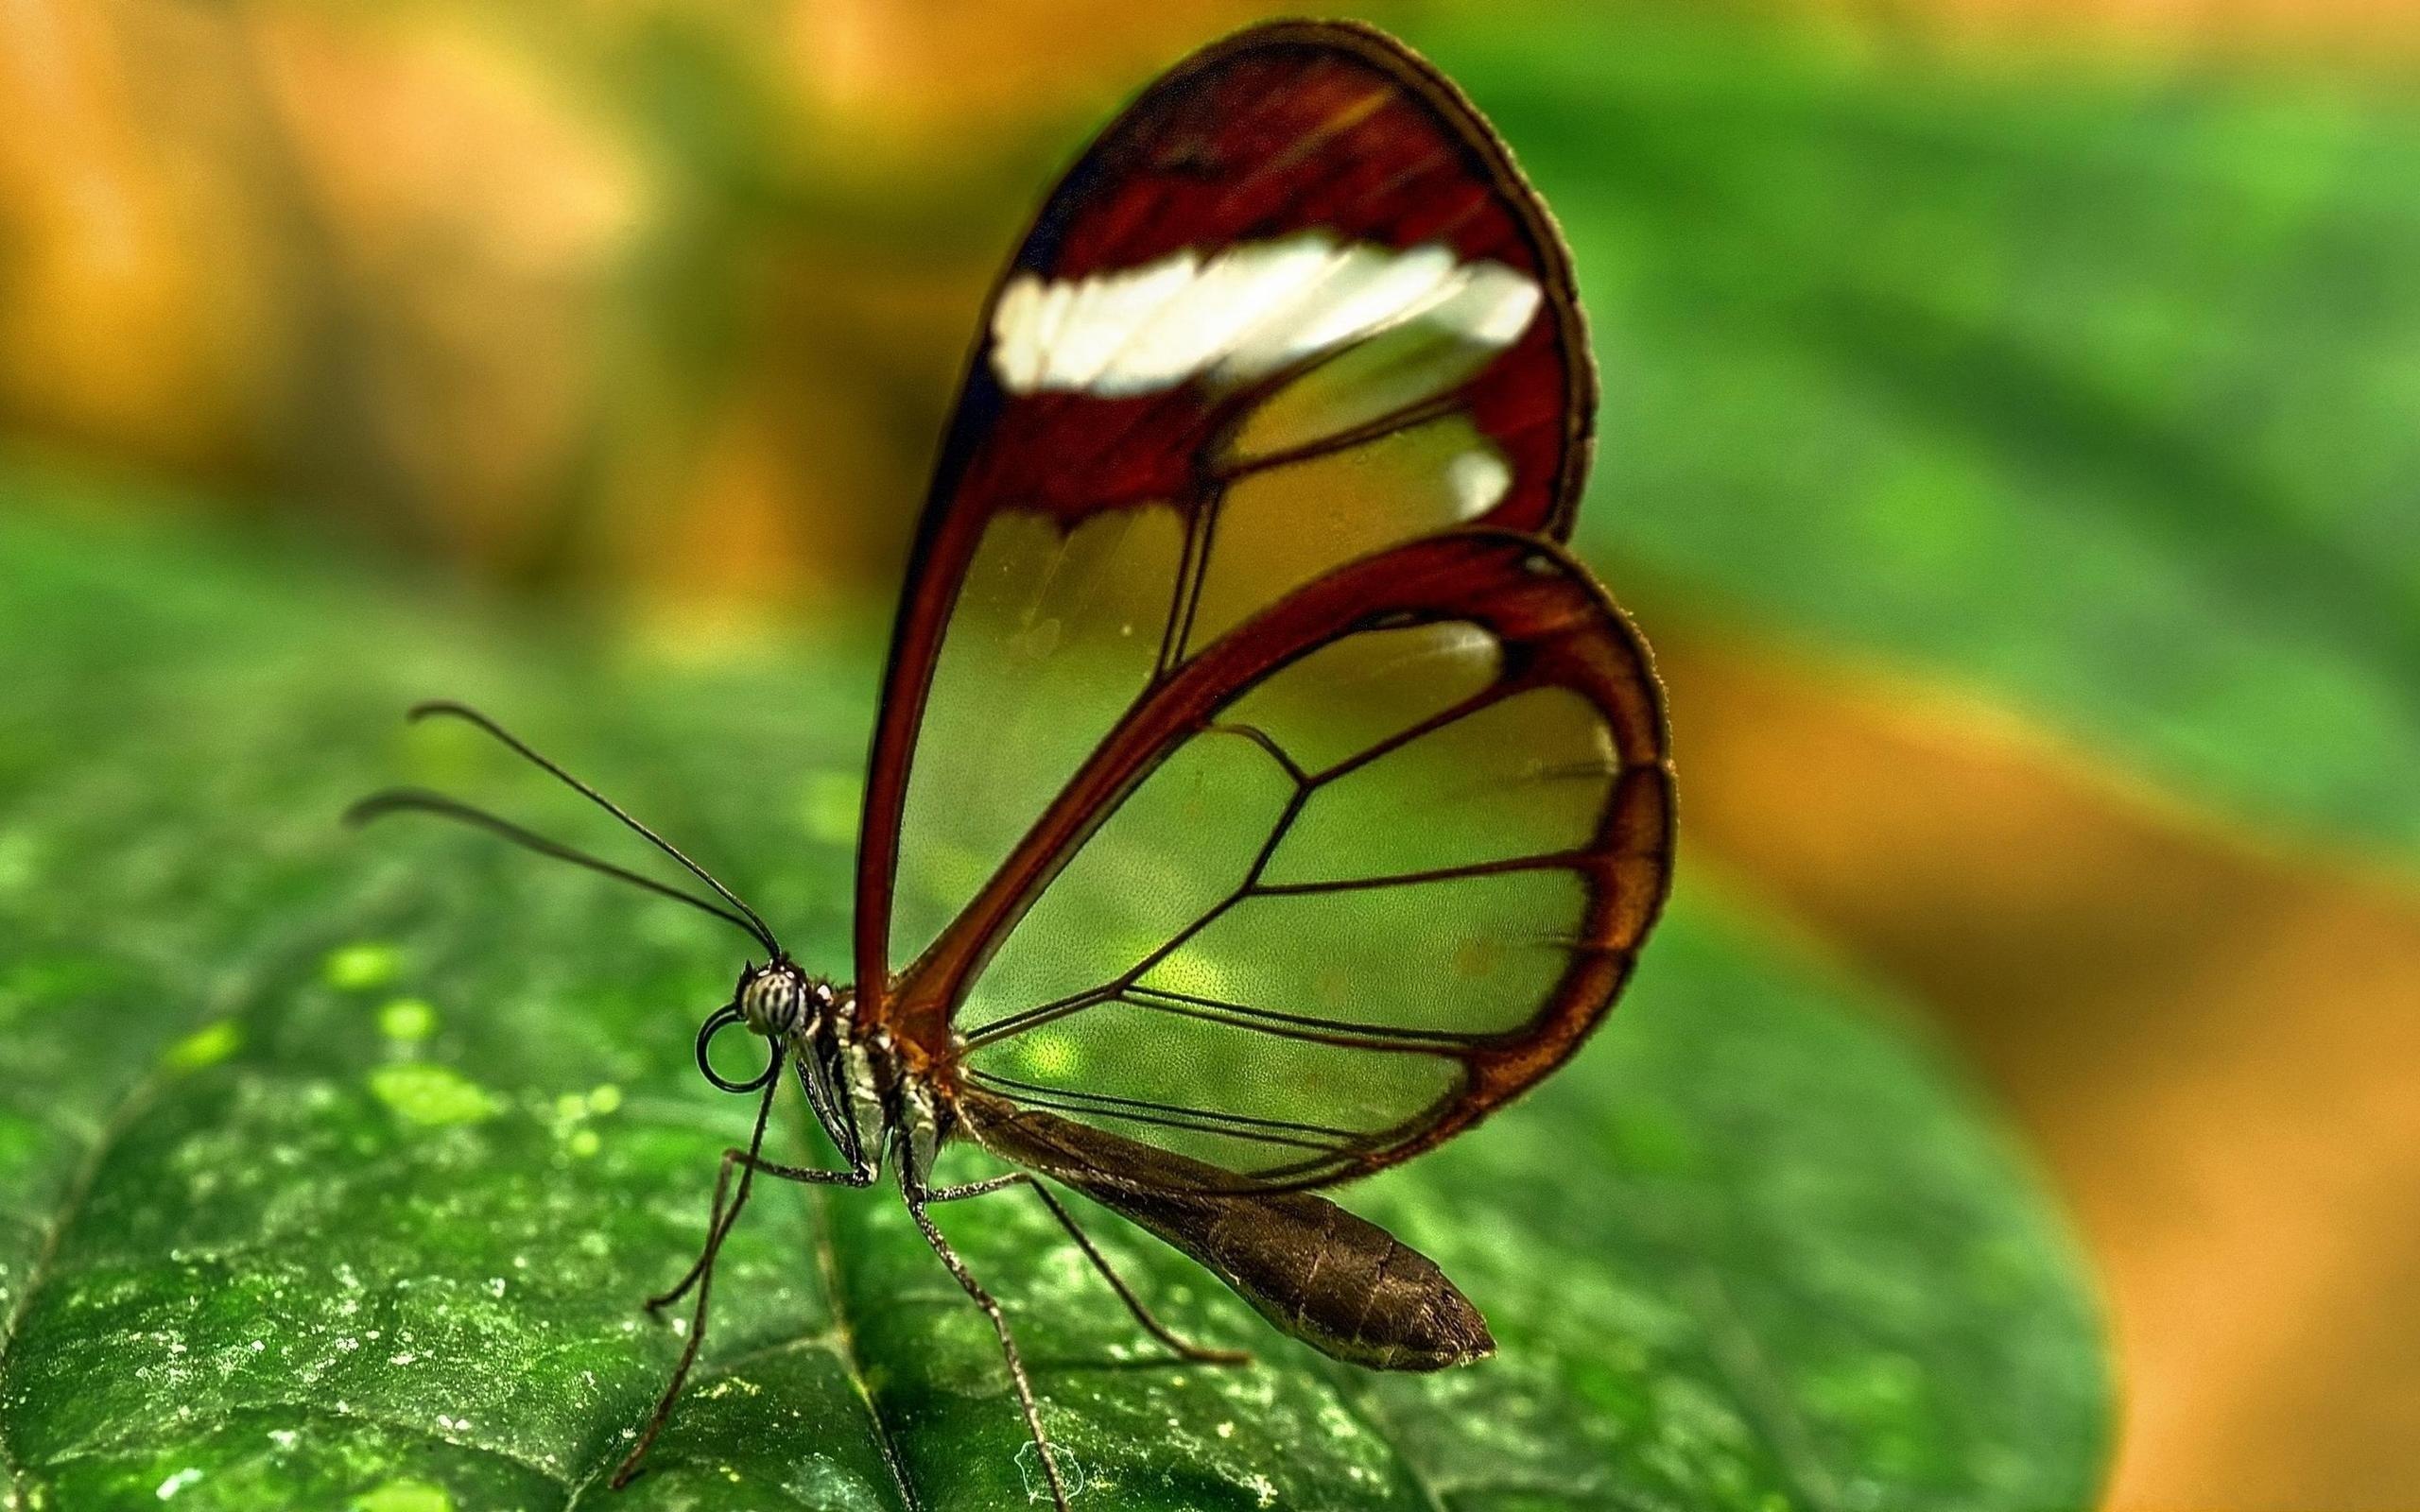 Butterfly on Leaf - Wallpaper